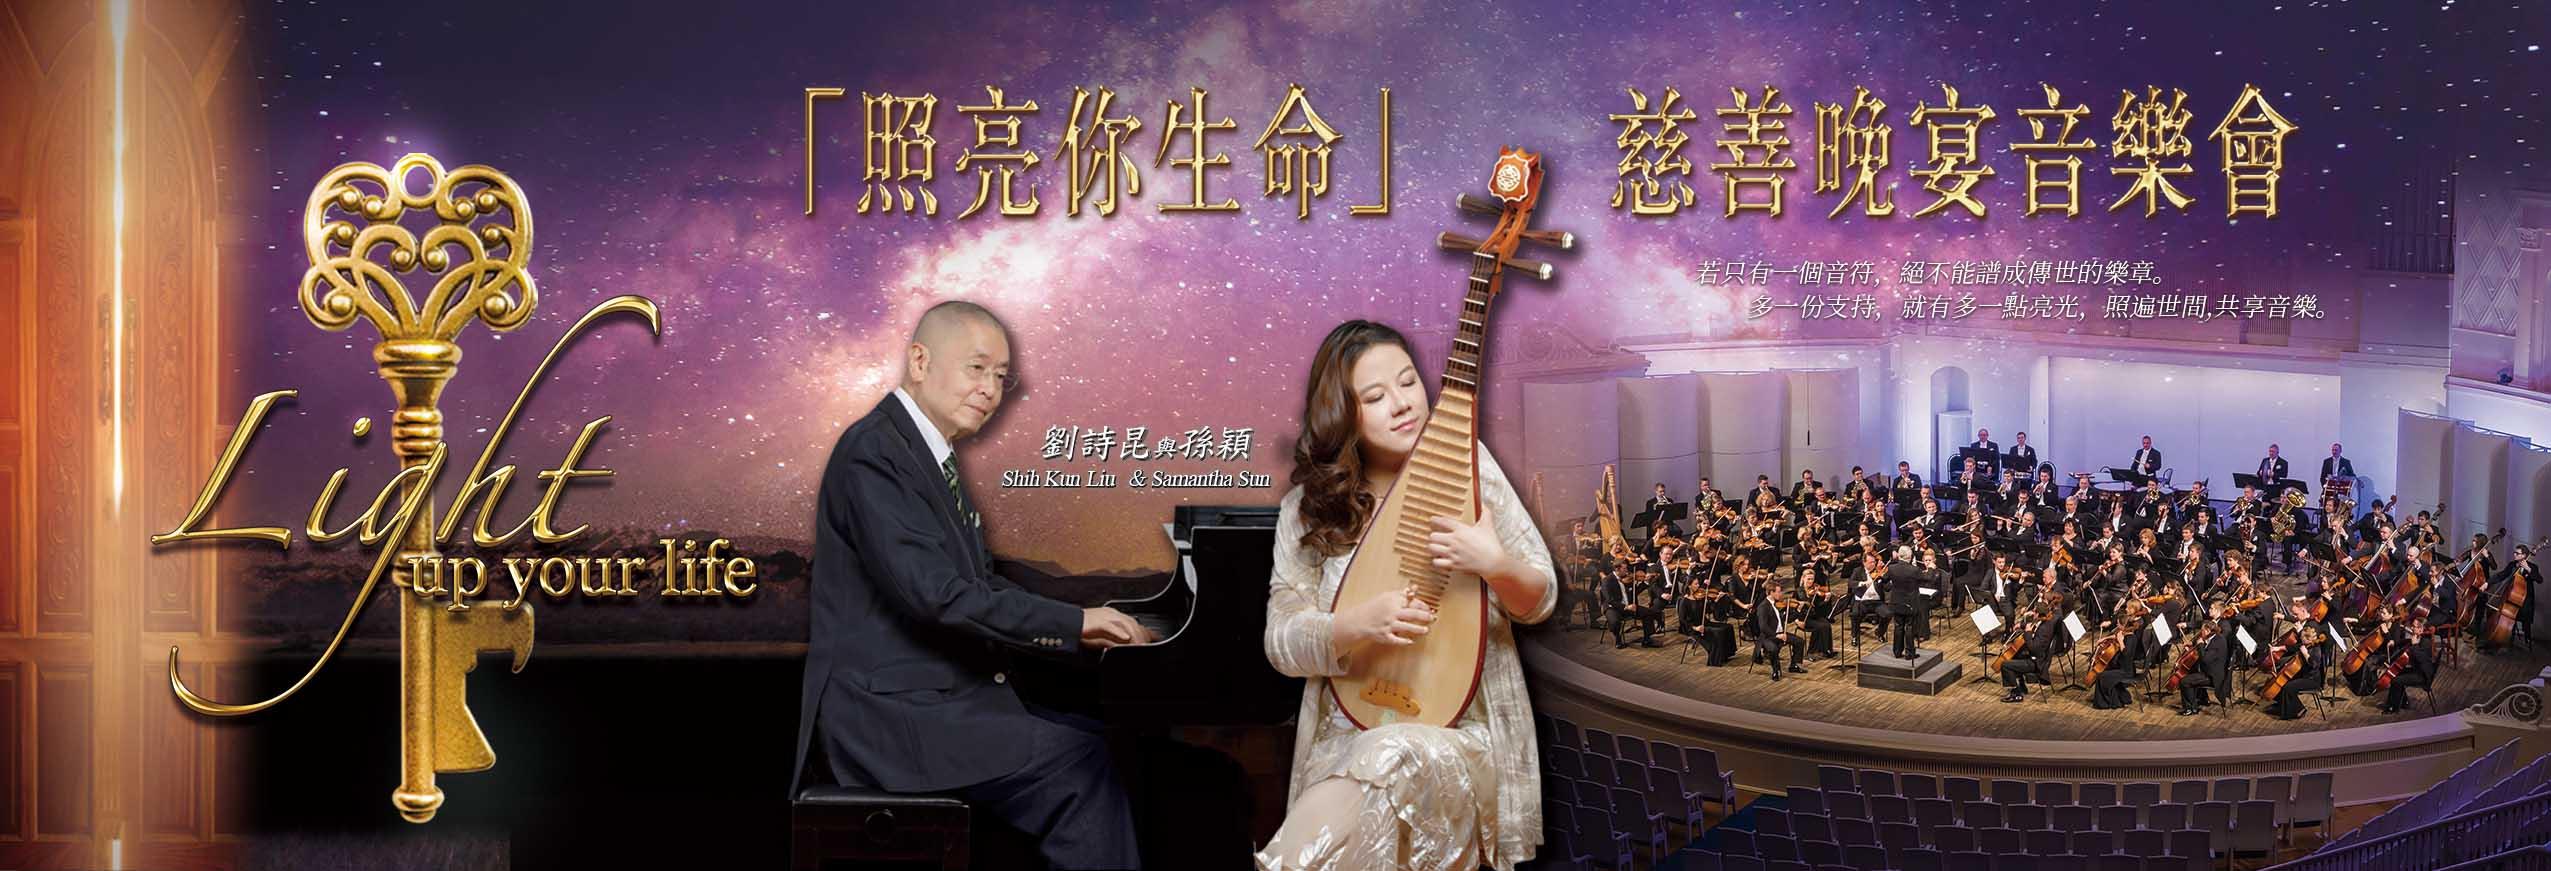 中国全球音乐教育协会呈献《照亮你生命·世纪音乐盛宴》